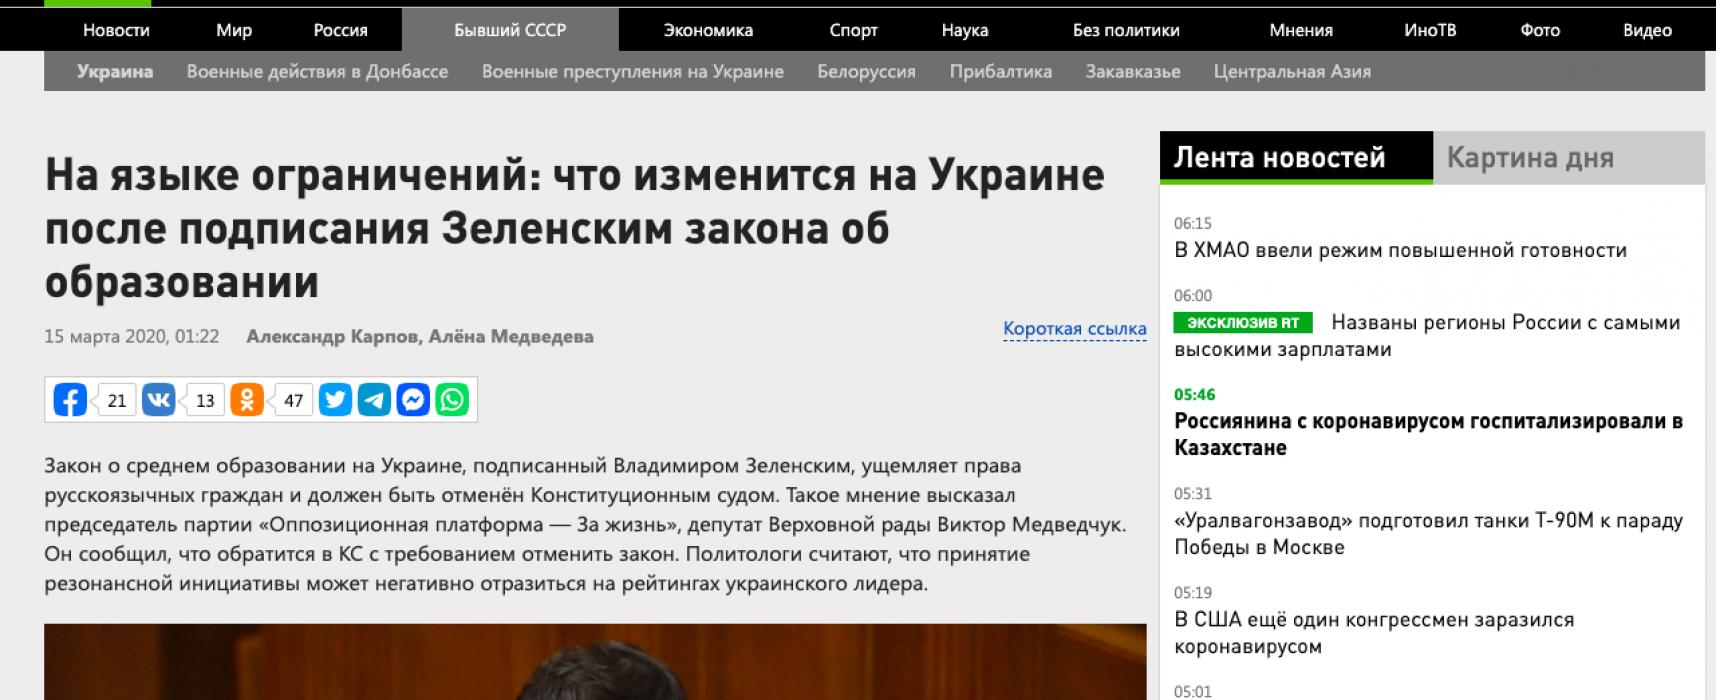 Фейк: Украина «закрывает» русские школы и «делит детей» на сорта